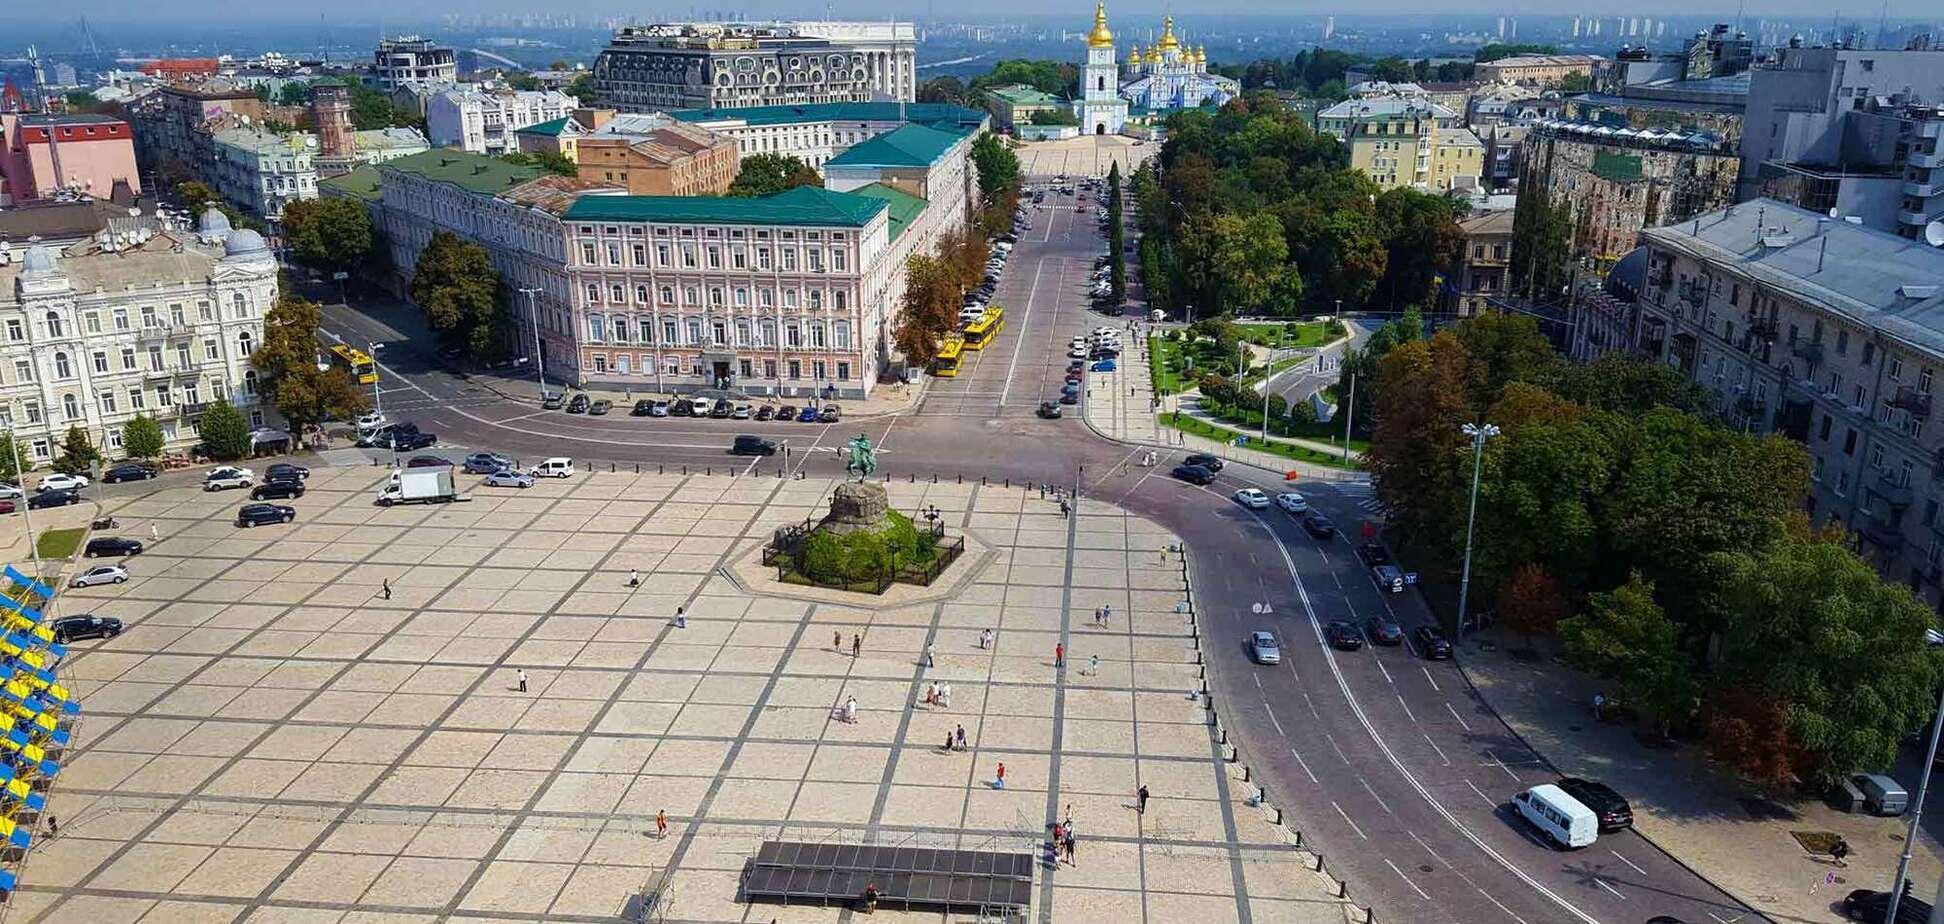 Софийскую площадь в Киеве превратили в сквер.Фото